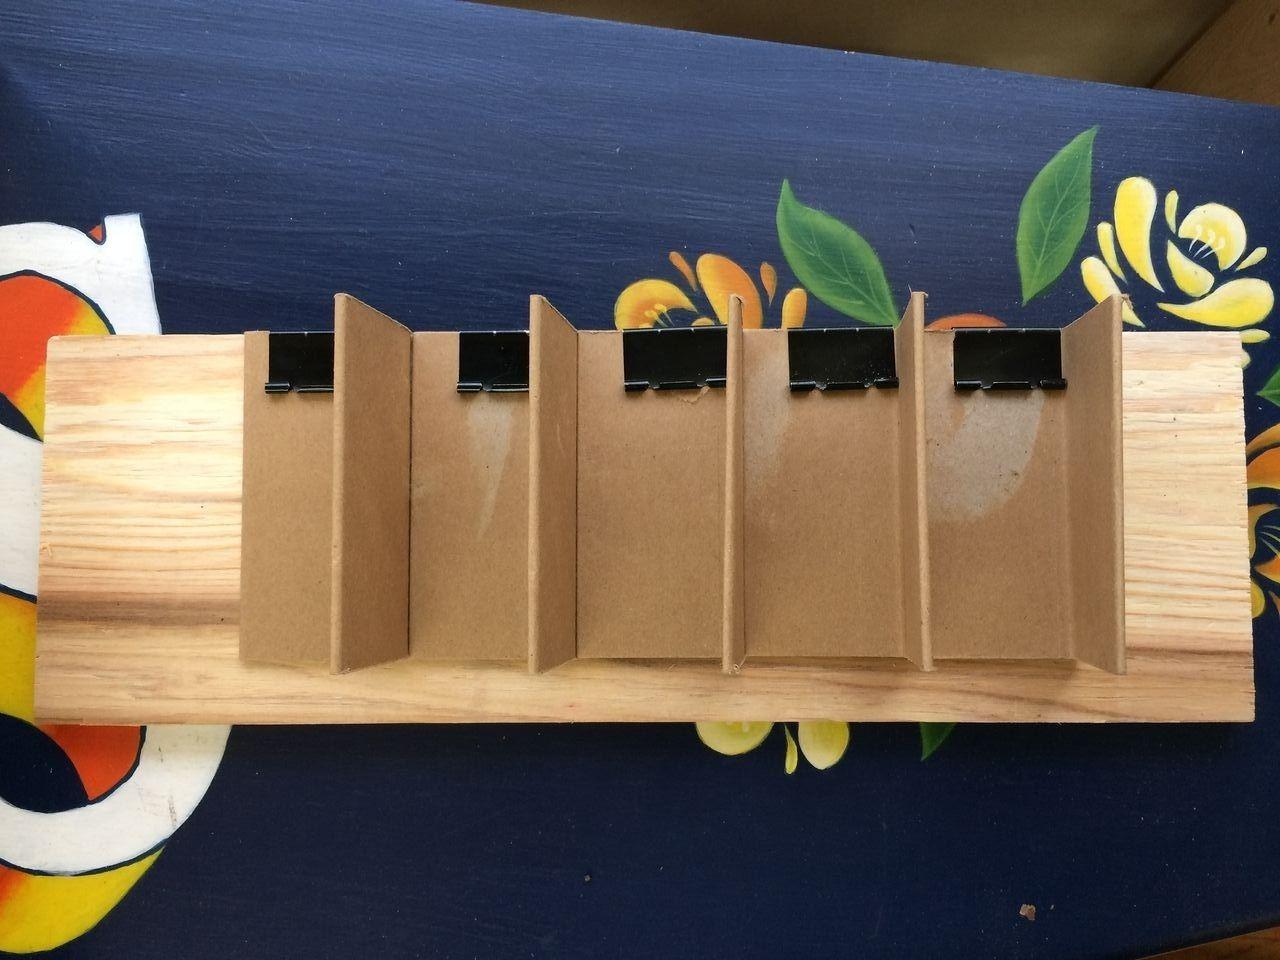 自作の工具ホルダーの衝立(間仕切り)を裏板にダブル・クリップで取り付けたのち金具を外す。